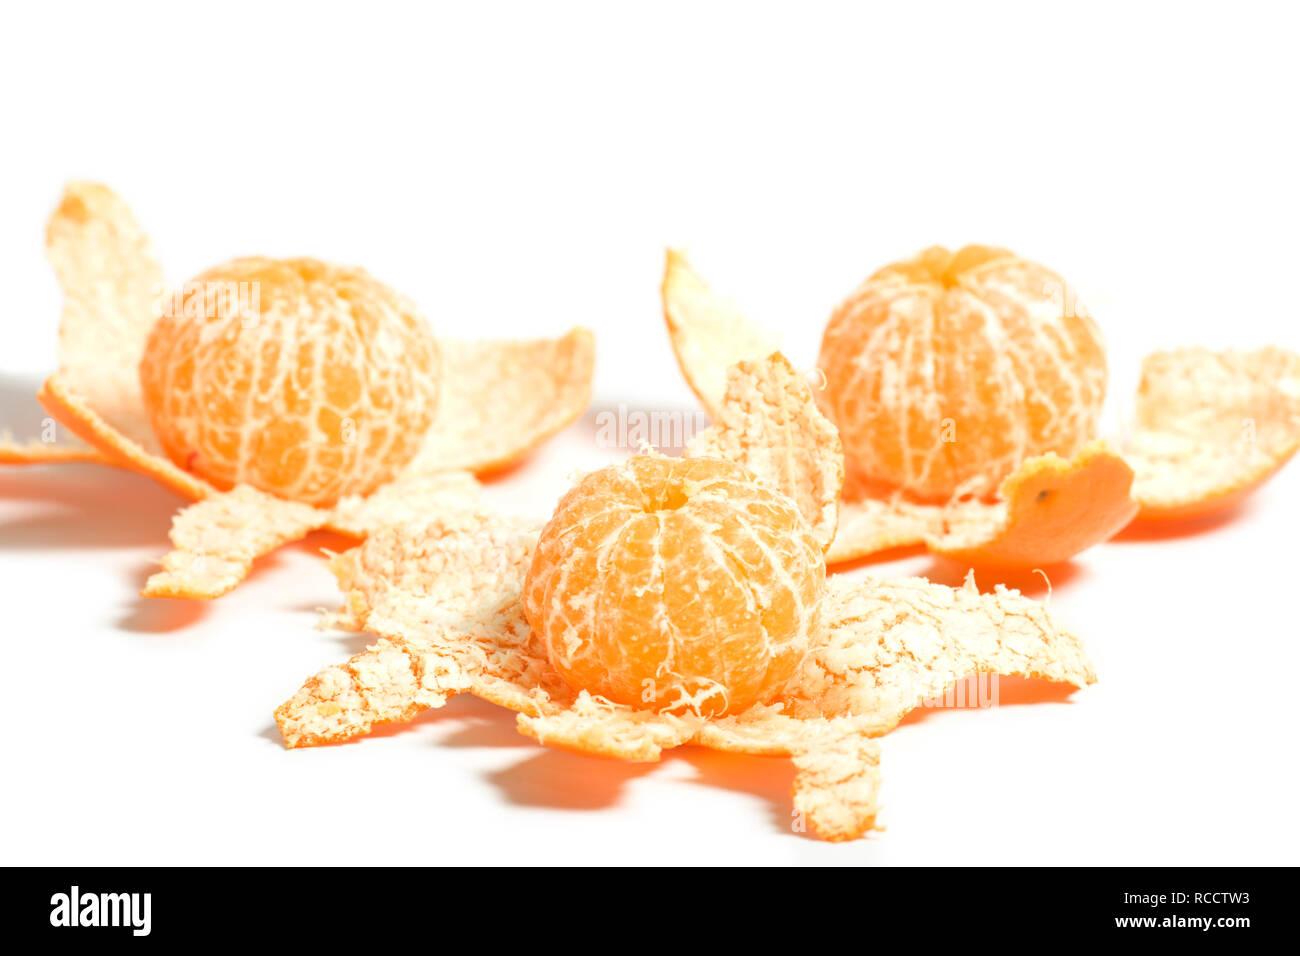 peeled mandarin oranges - Stock Image